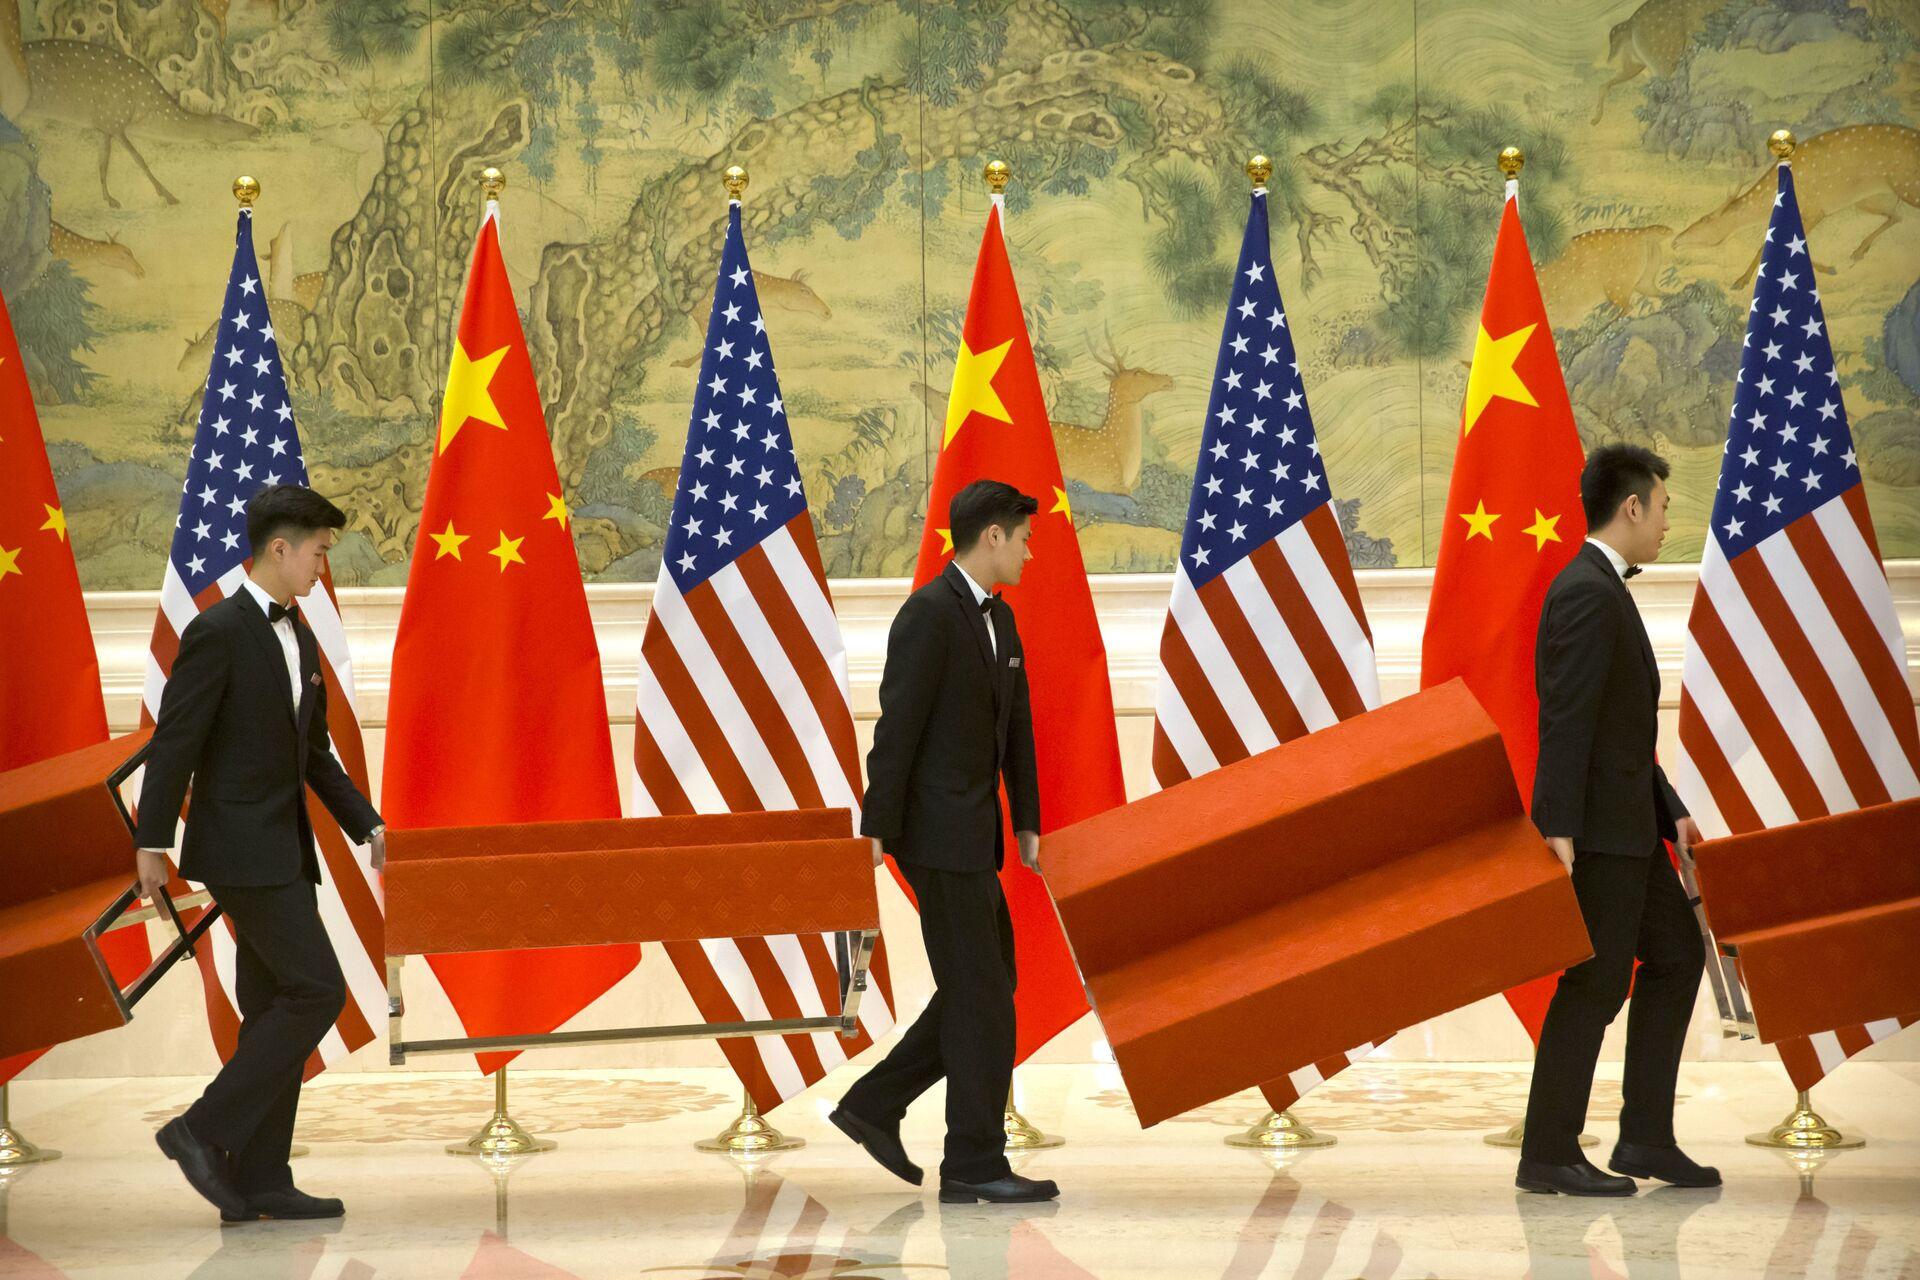 Mỹ và phương Tây quyết kiềm chế Trung Quốc ở Biển Đông - Sputnik Việt Nam, 1920, 29.07.2021